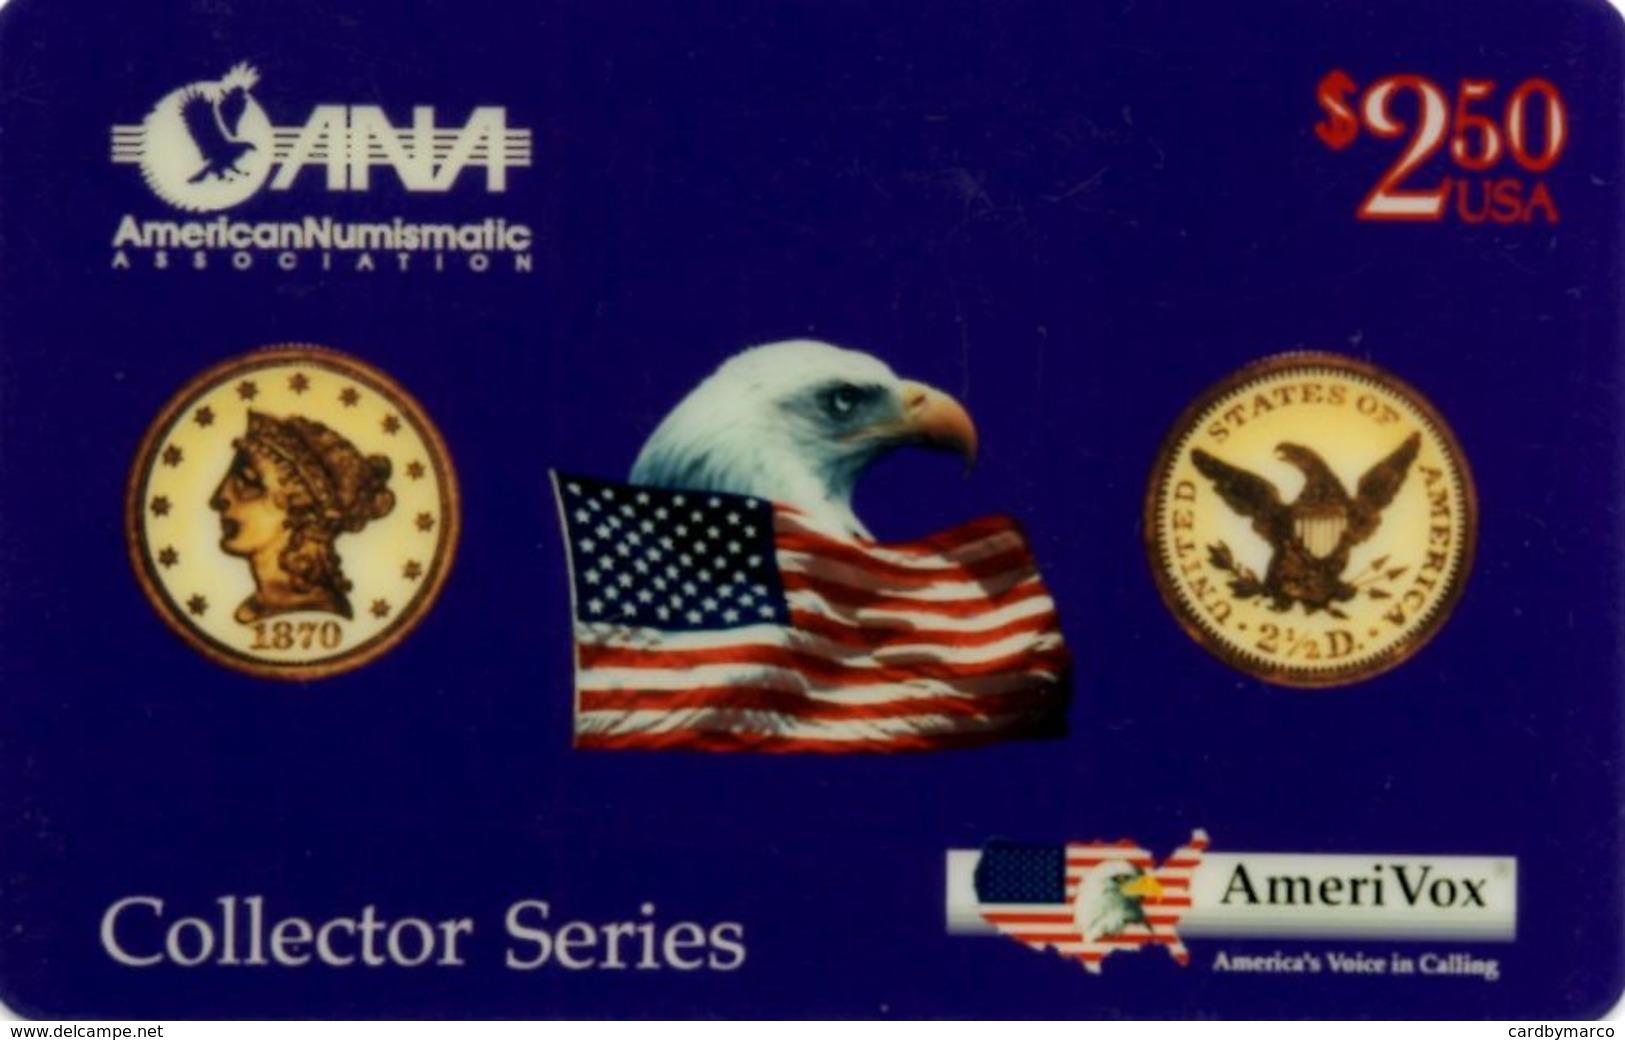 *U.S.A. - AMERIVOX* - Scheda NUOVA (MINT) - Amerivox